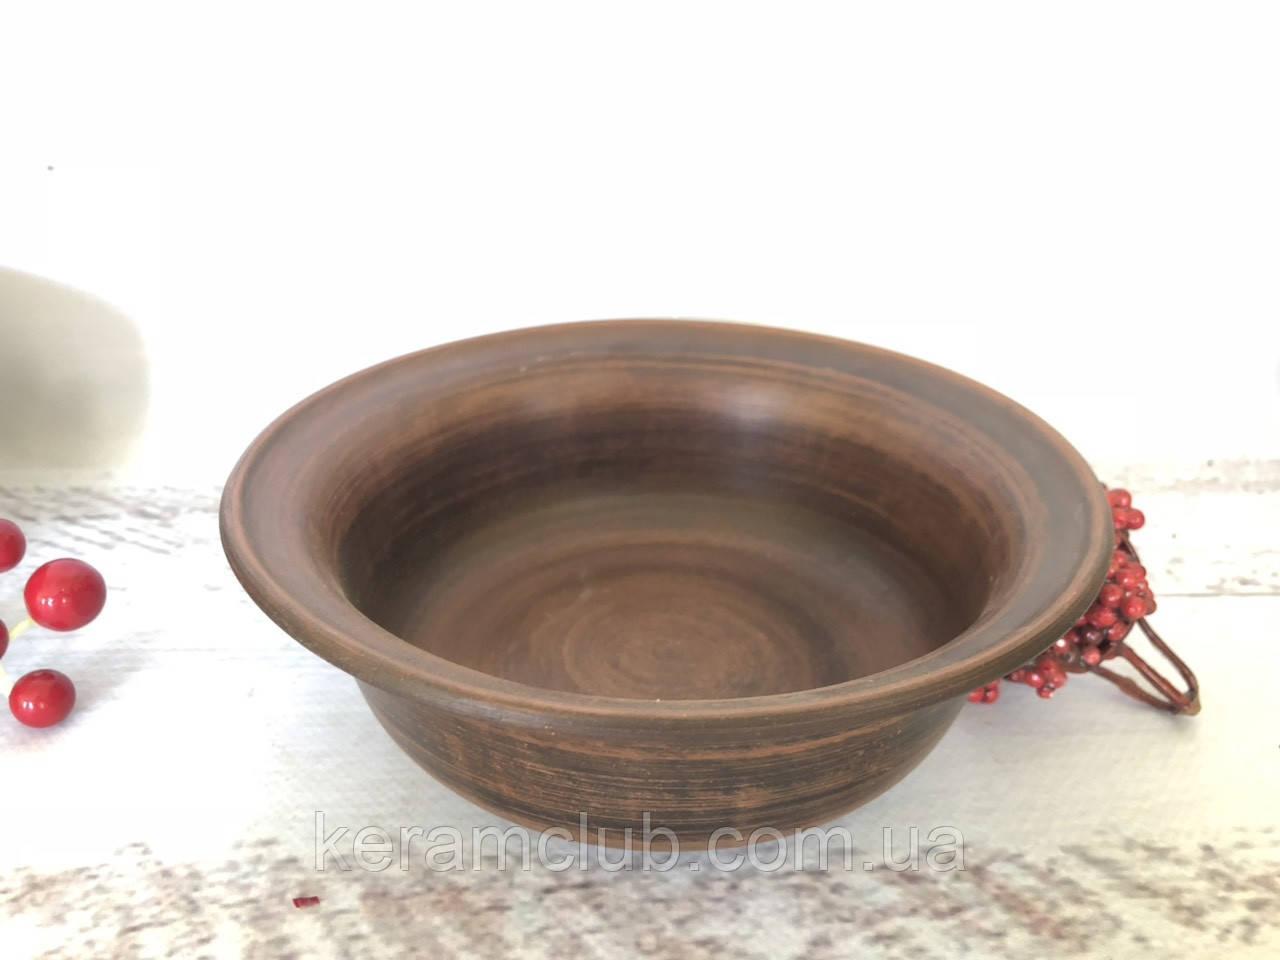 Керамическая миска из красной глины 600 мл